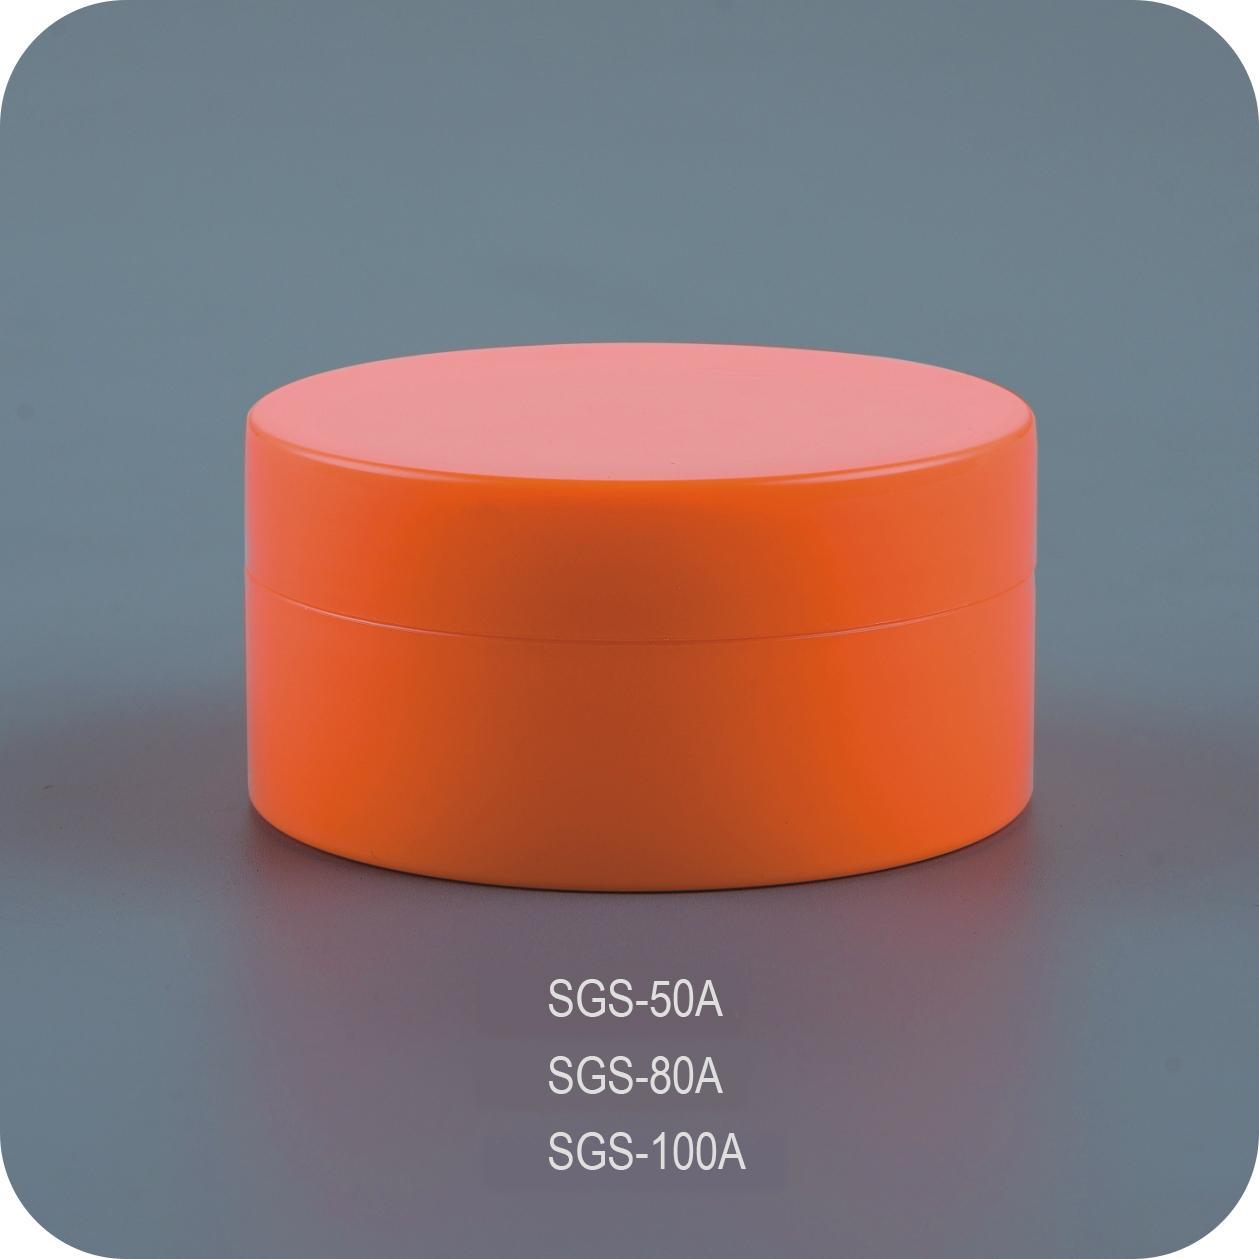 80g Colorful Face Cream Jar 4